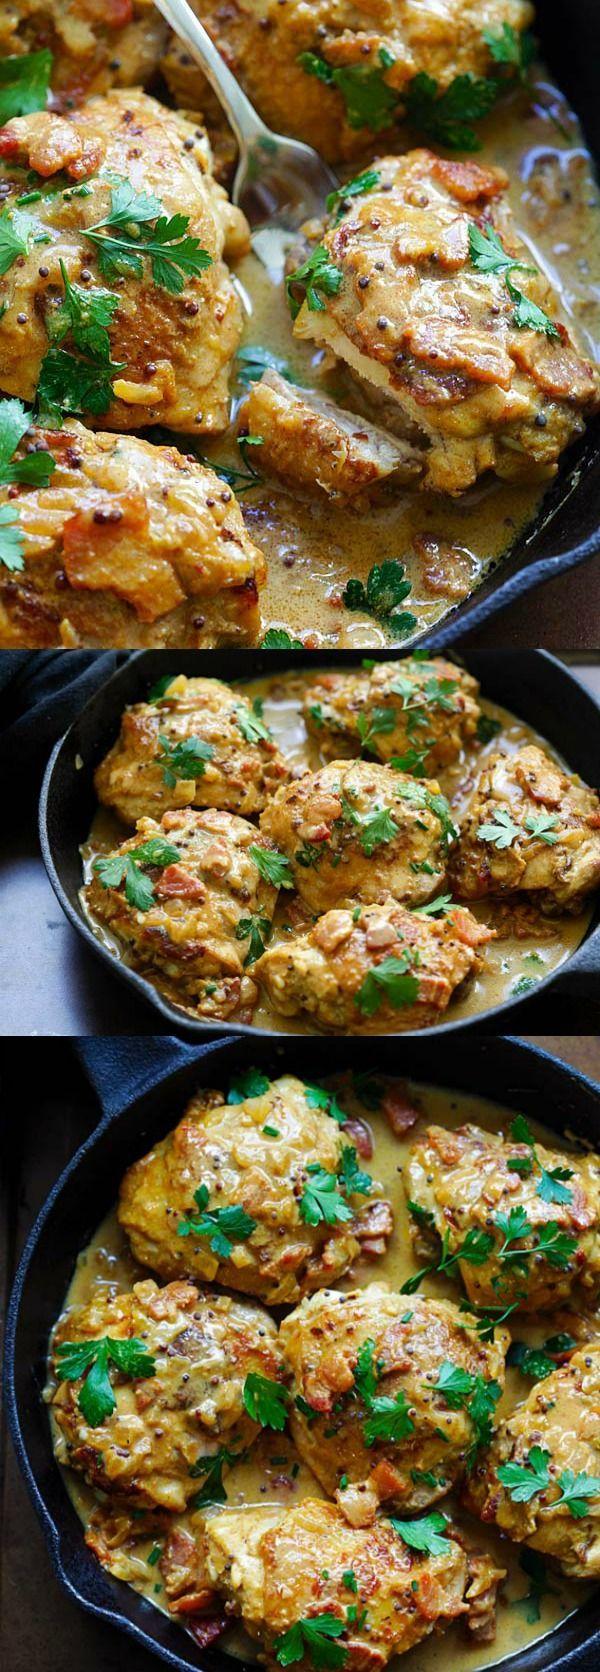 Mustard Chicken The Best Mustard Chicken Recipe By